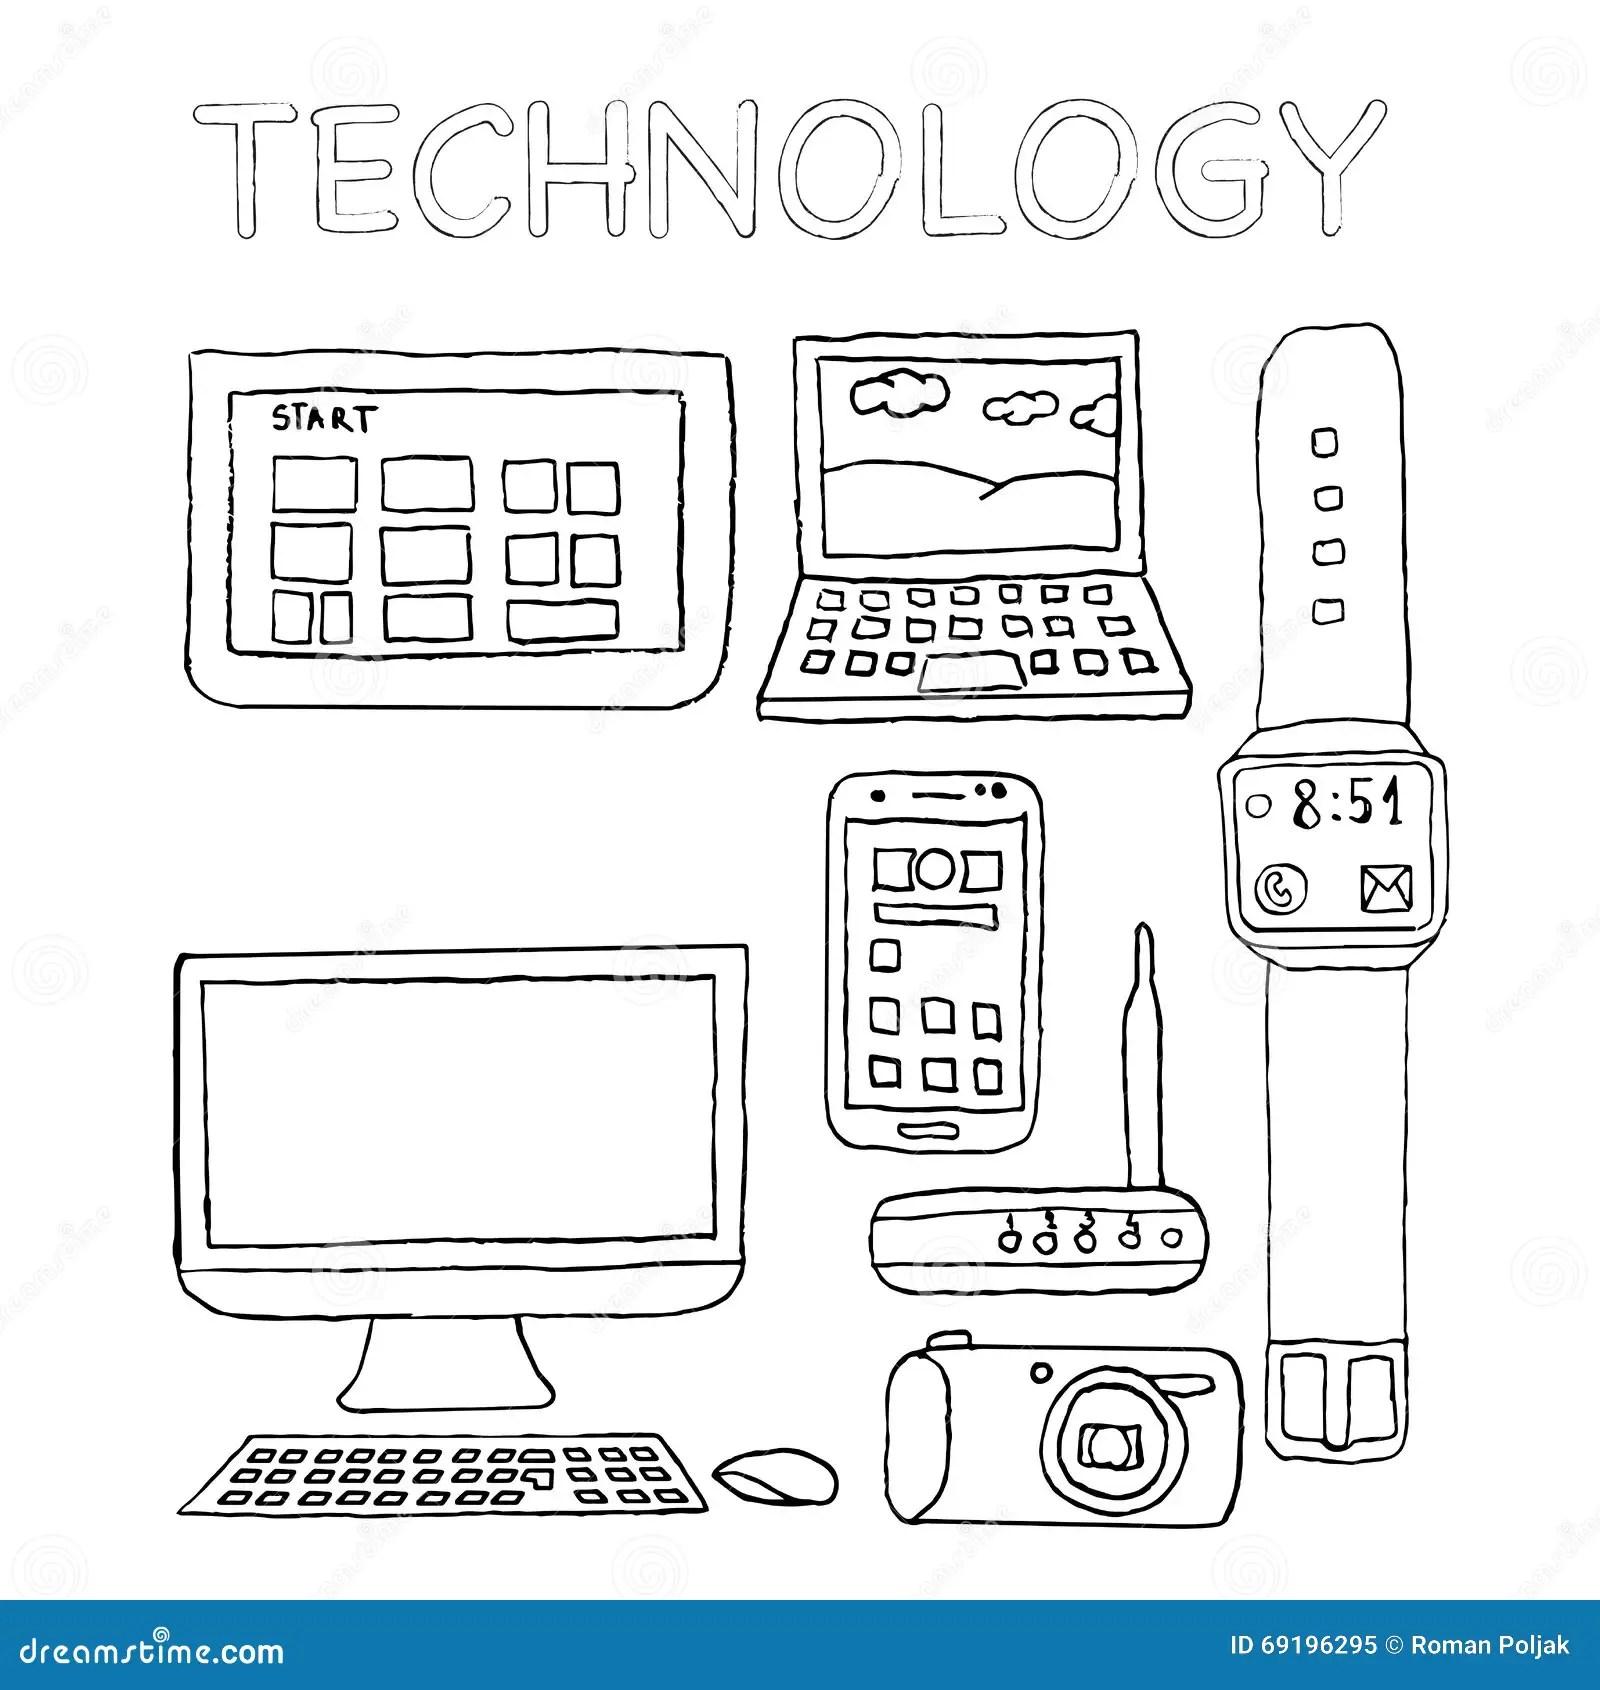 Technology Image By Ellen T